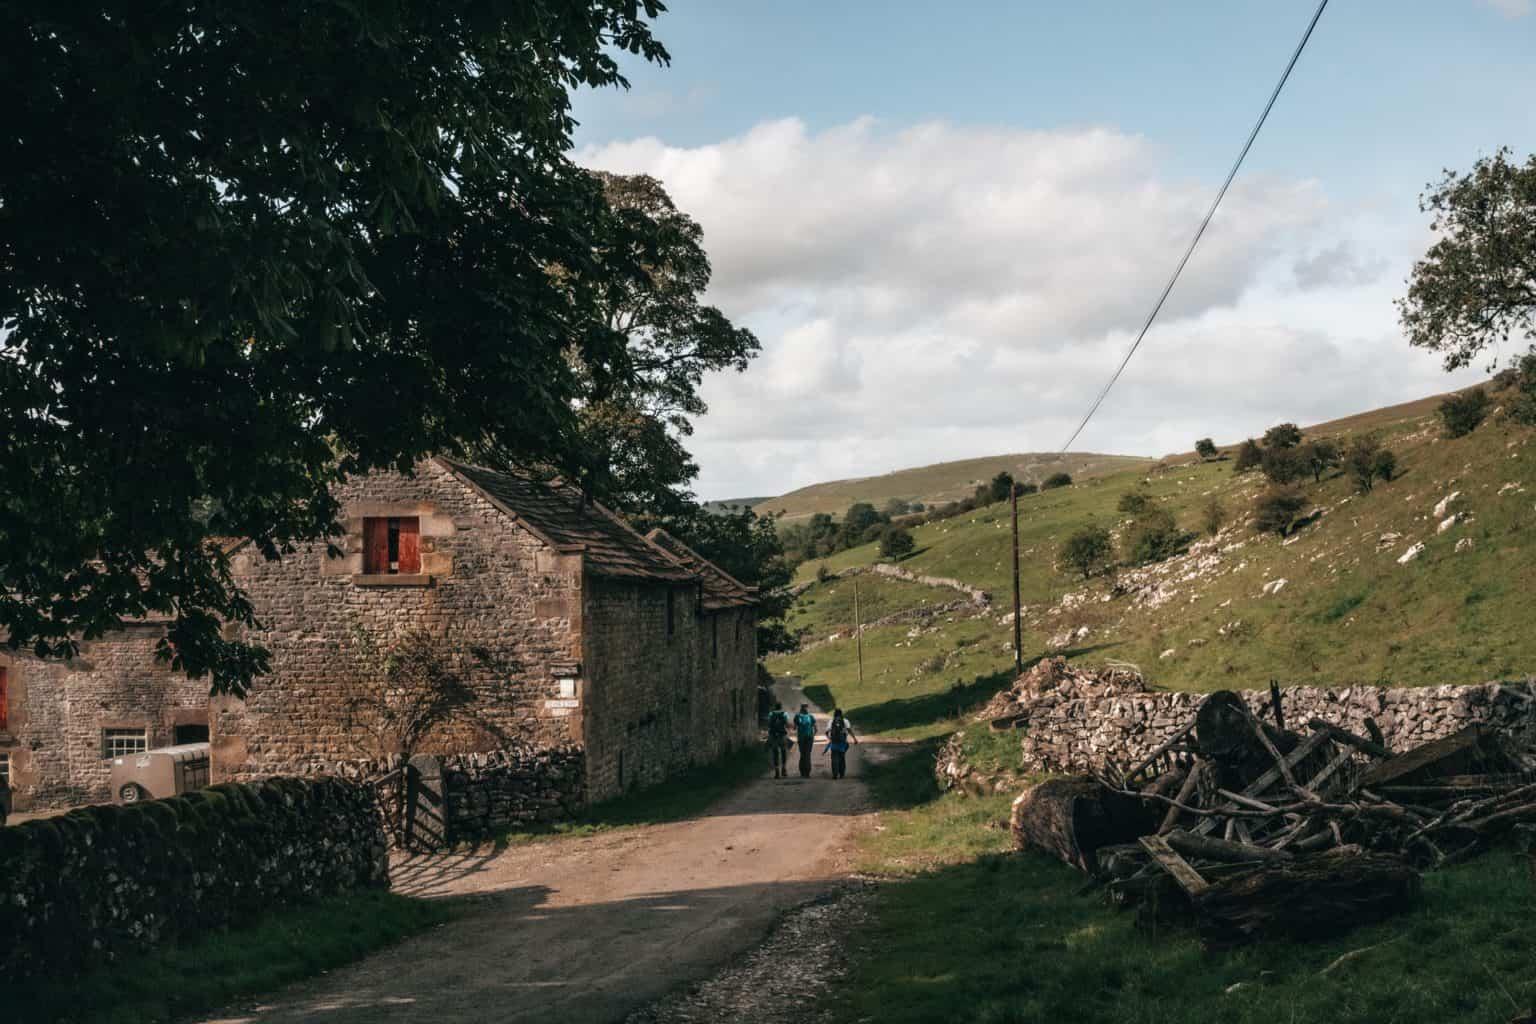 Walkers in Derbyshire